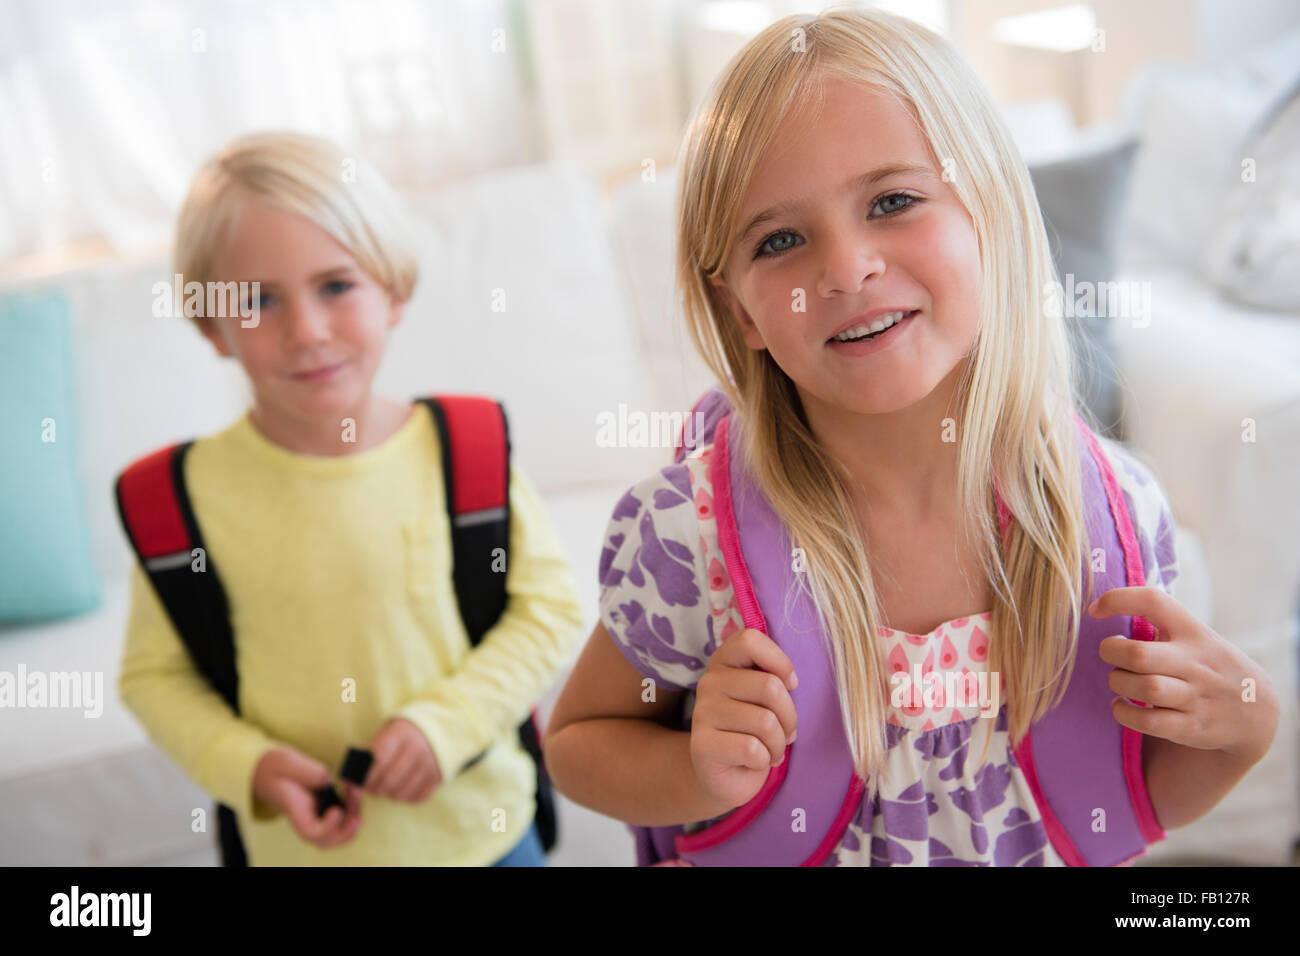 Chico y chica (4-5) (6-7) con mochilas, mirando a la cámara Imagen De Stock